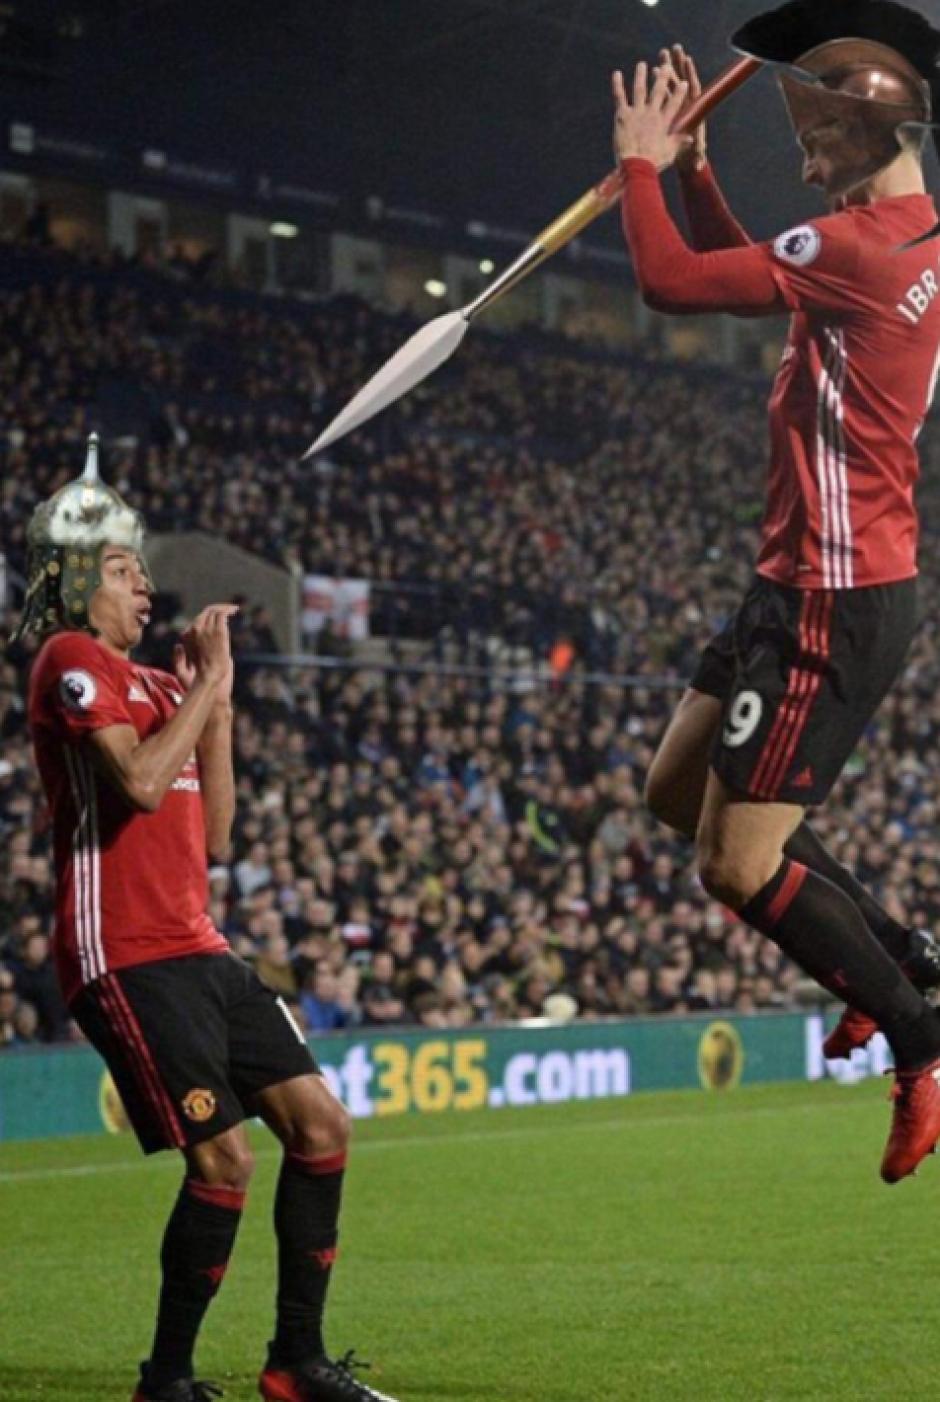 El gladiador Zlatan. (Foto: Twitter)